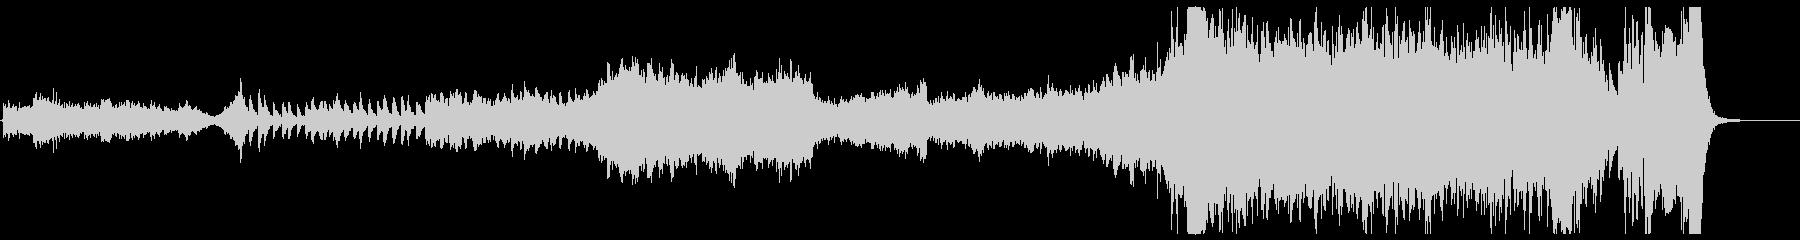 壮大なフルオーケストラ OP、タイトルの未再生の波形